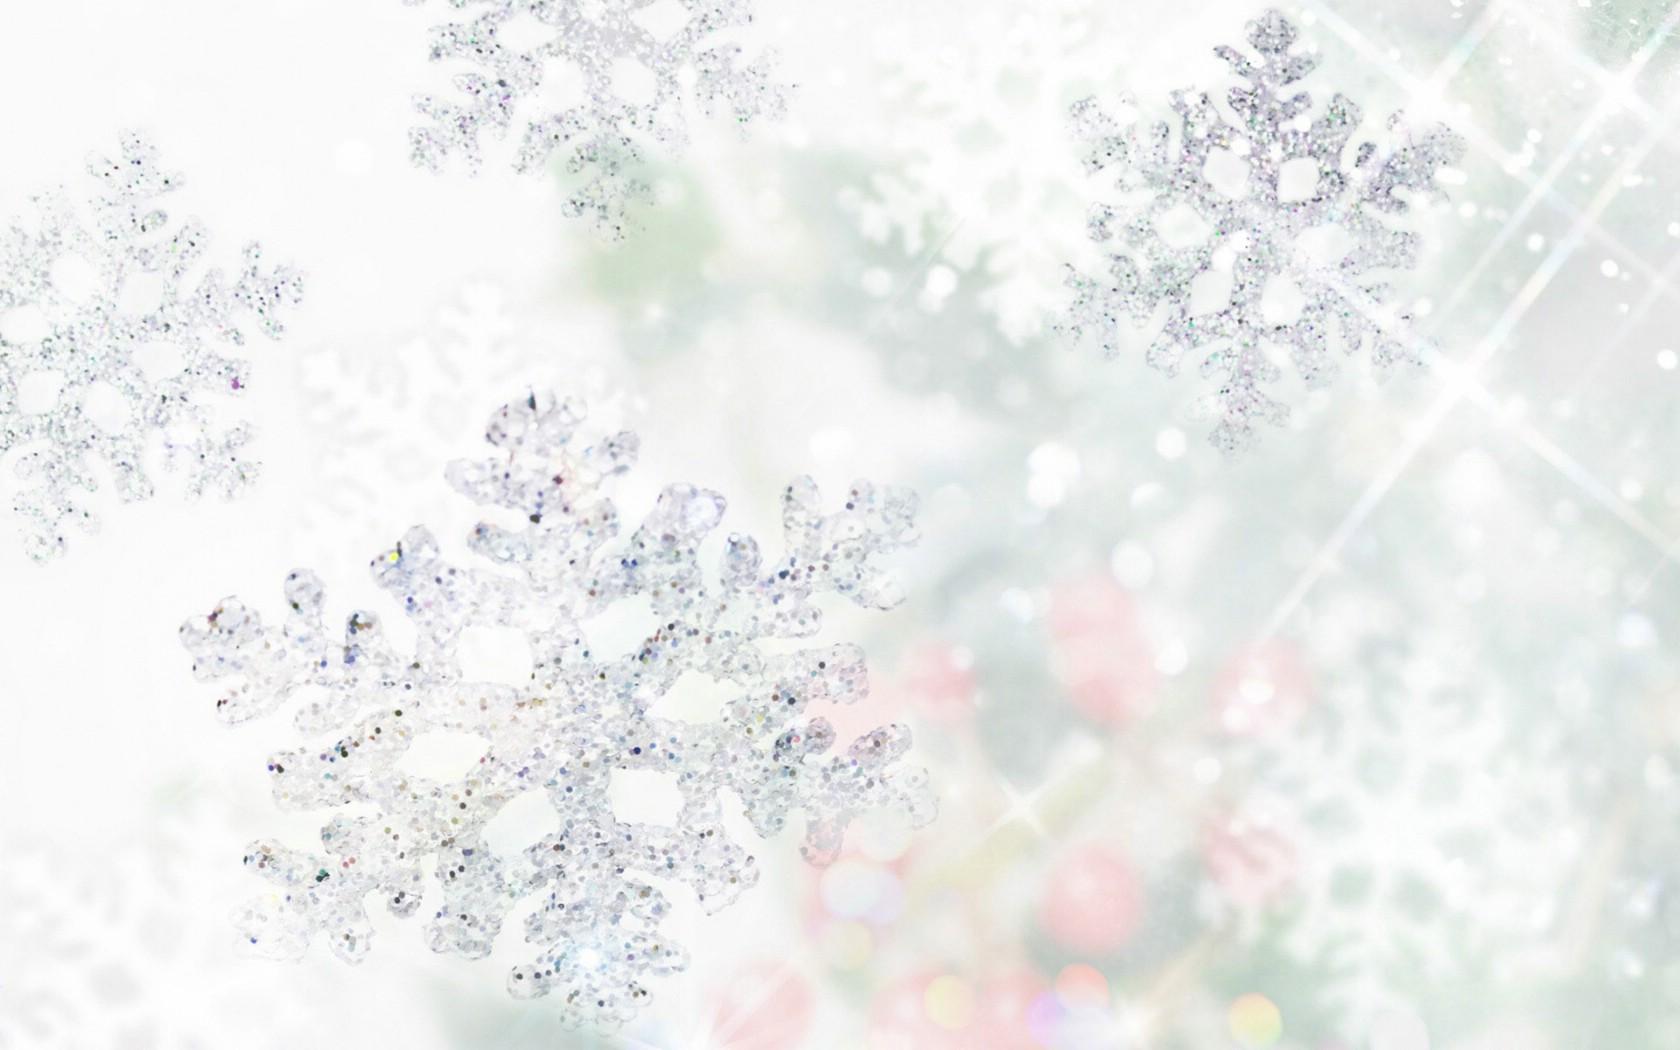 纯白色高清壁纸_纯白色高清大图_纯白色底图